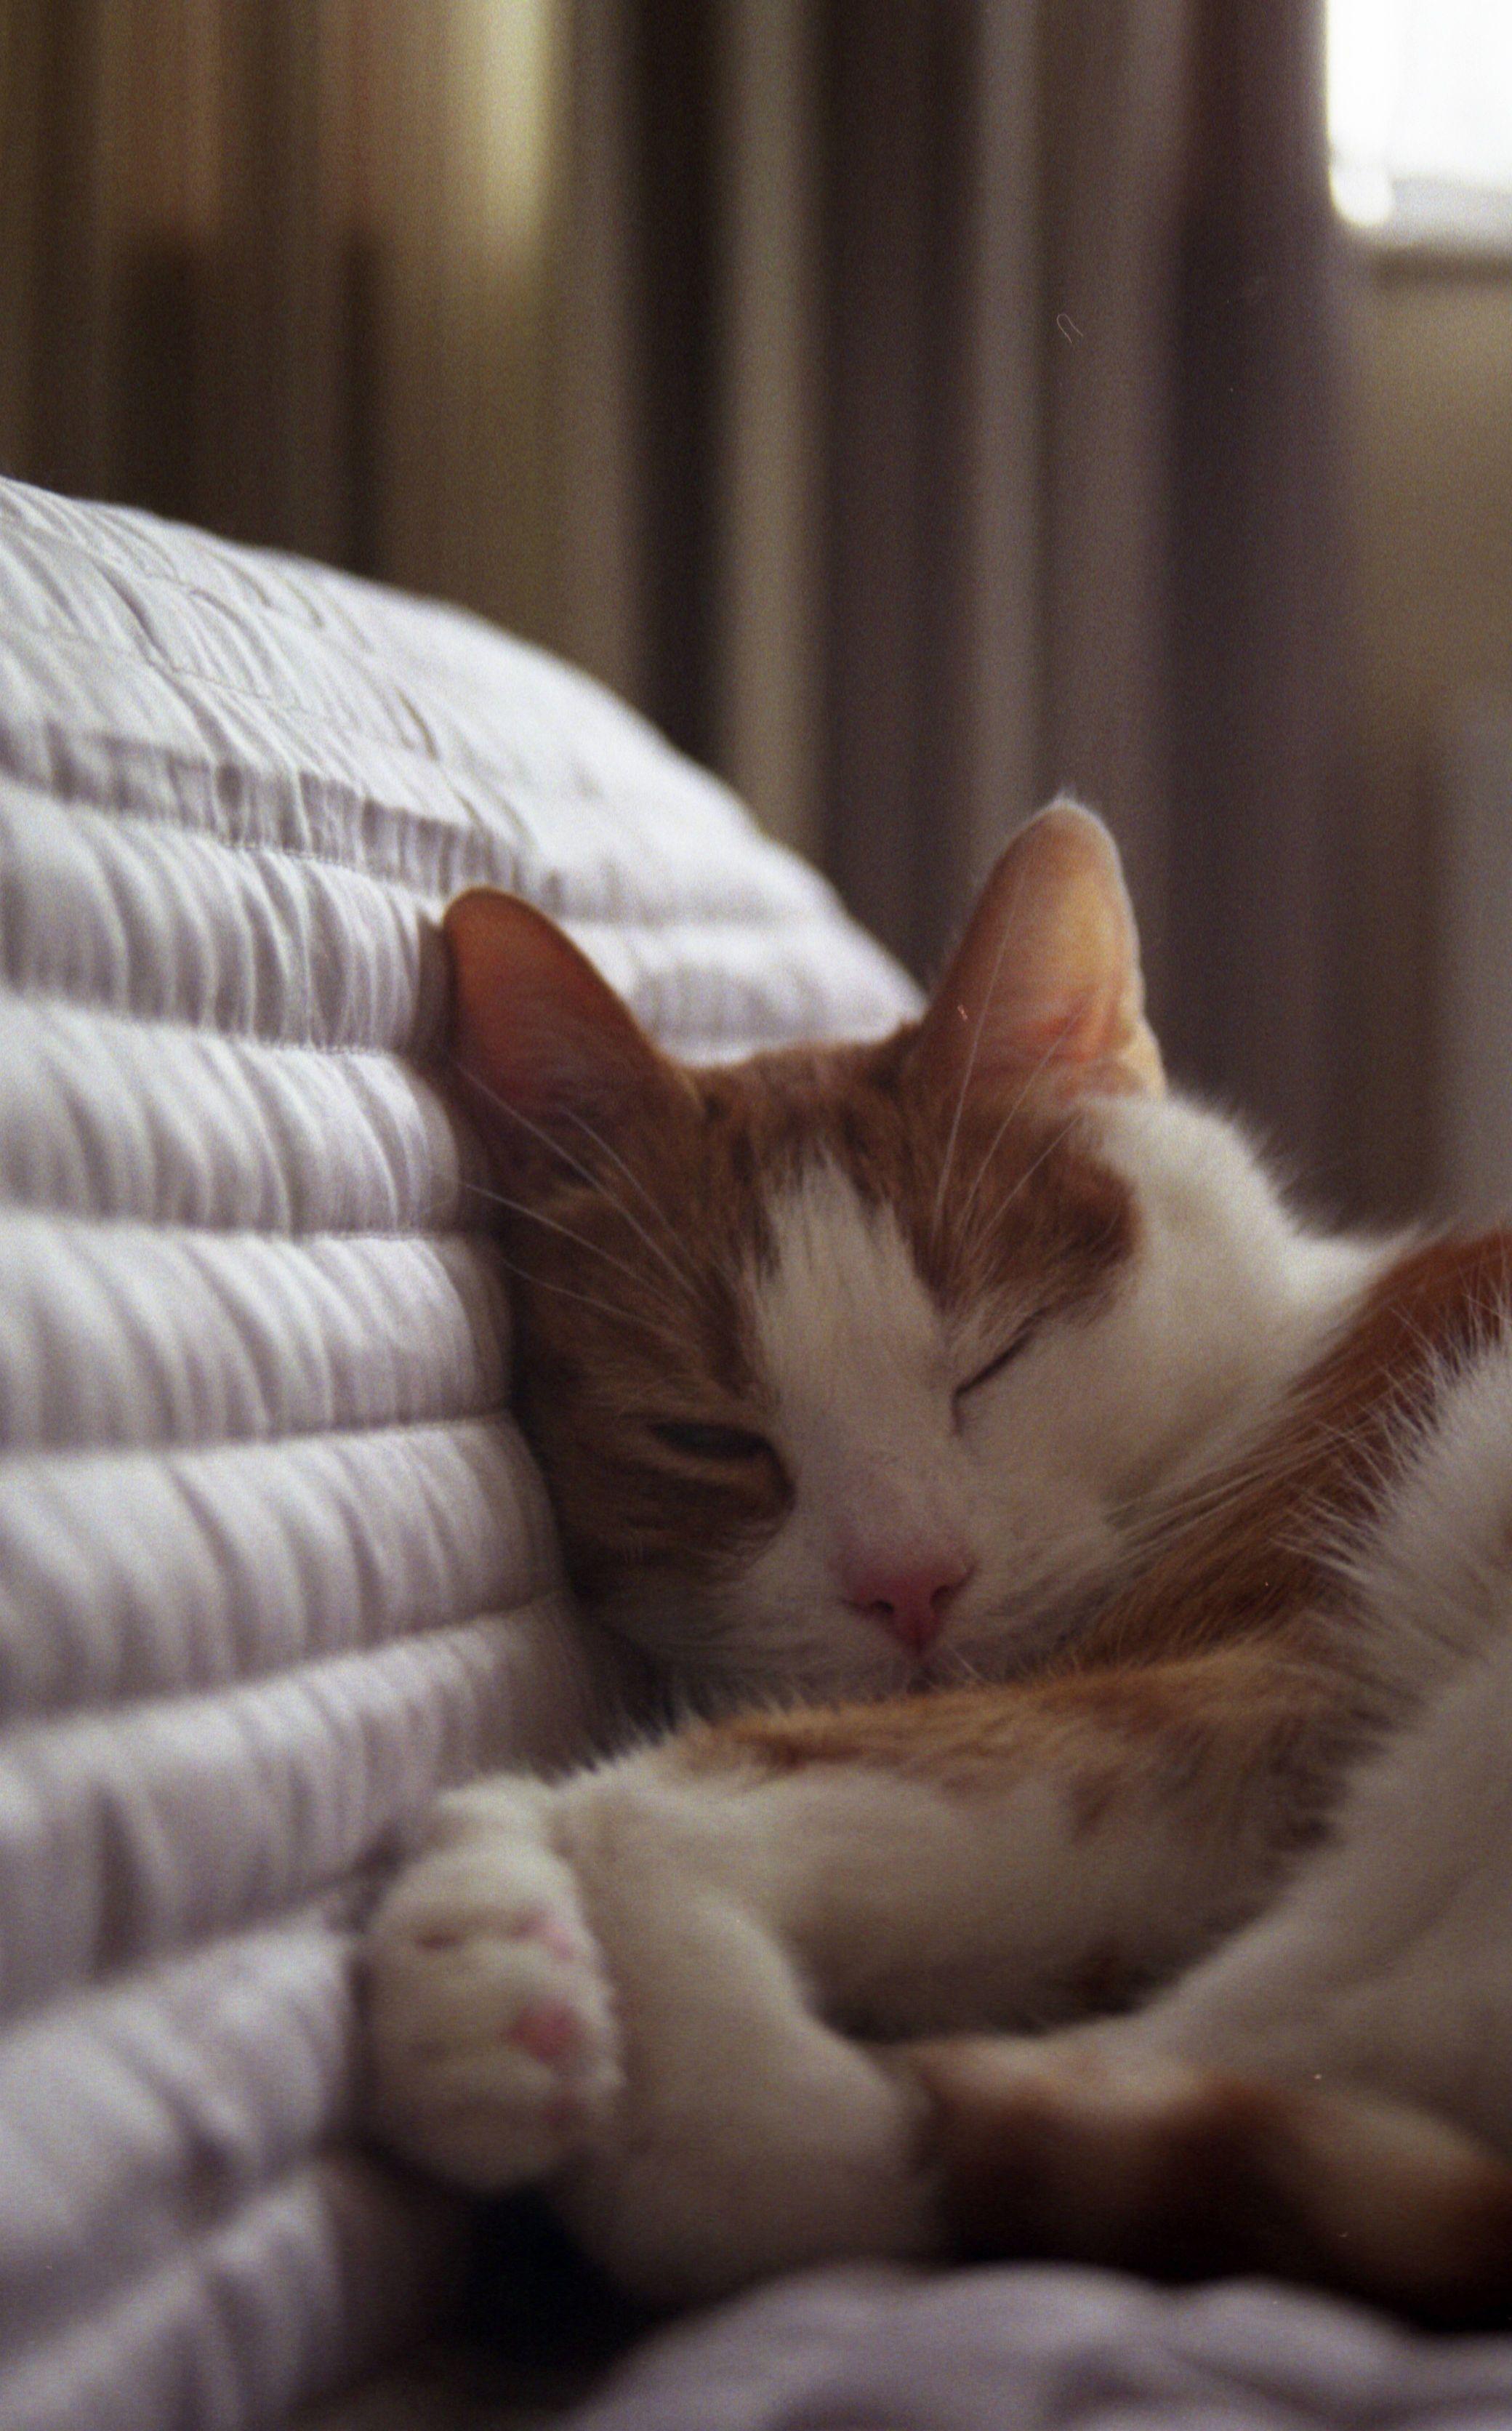 My cat waking up